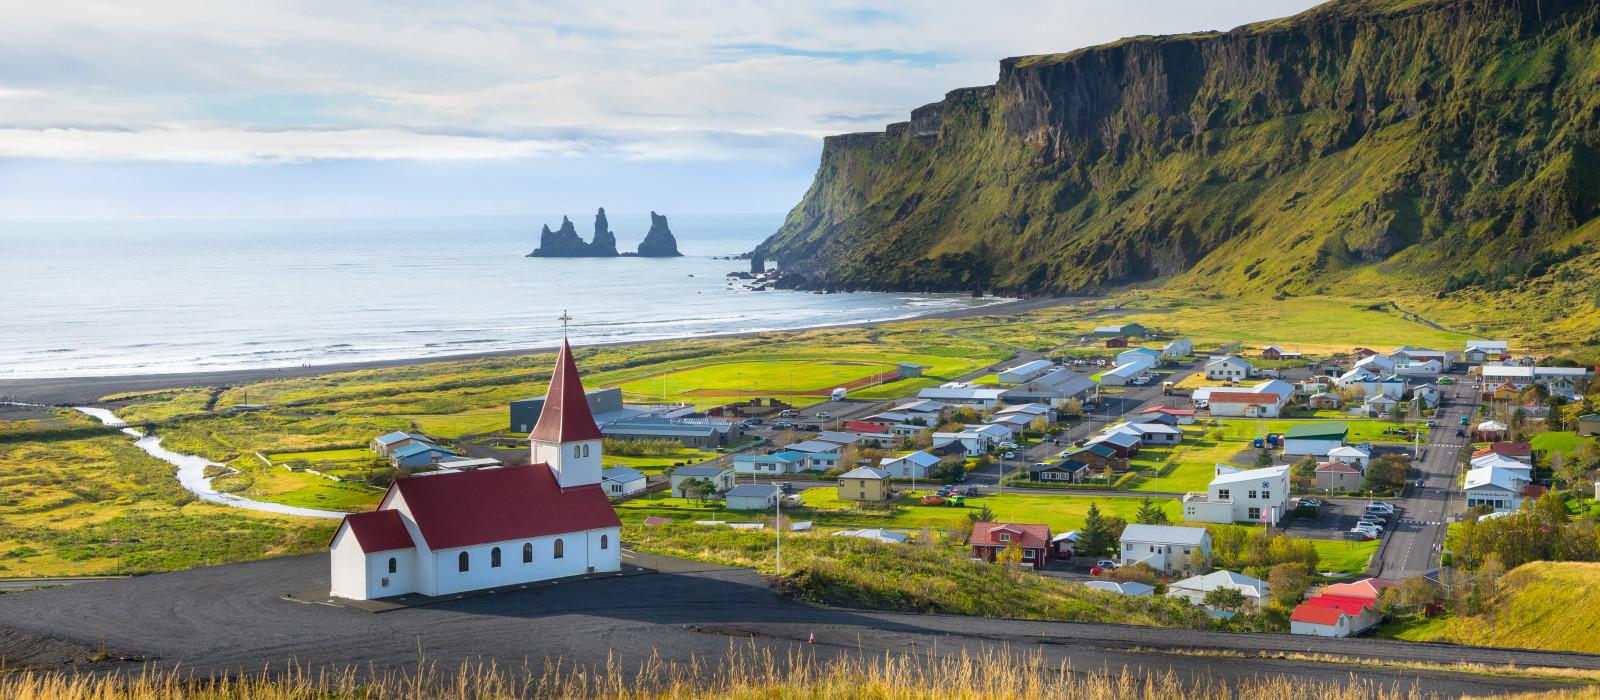 Reiseziel Vik I Myrdal Island